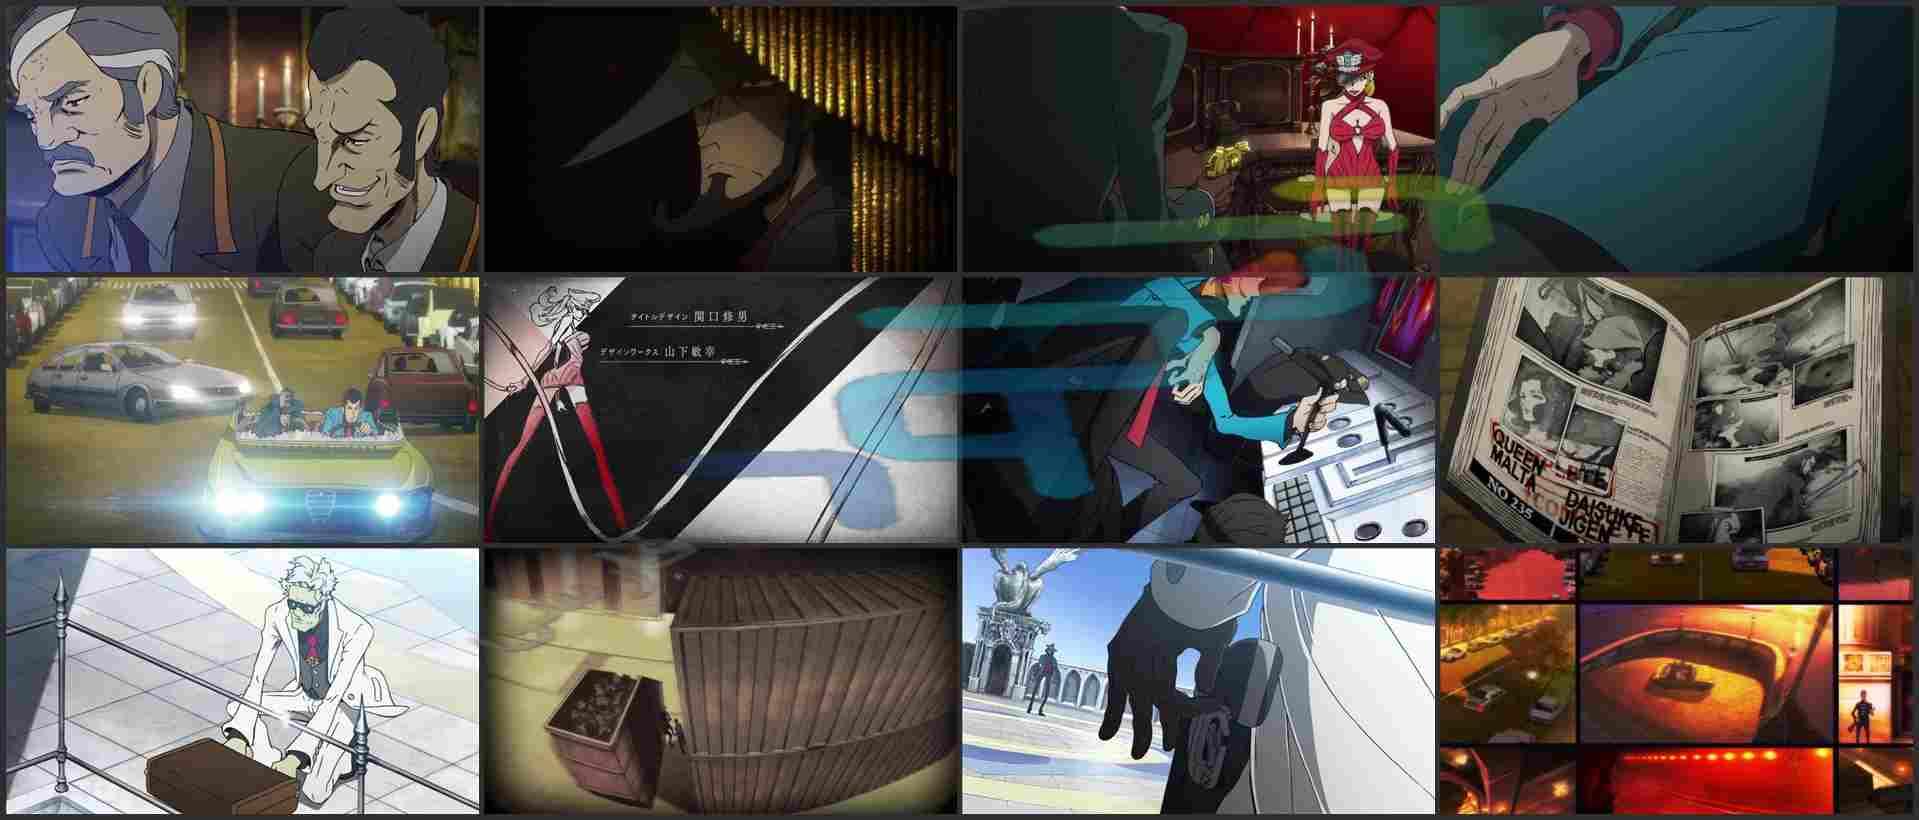 Lupin_the_Third_Daisuke_Jigens_Gravestone_2014_BluRay_1080p.mkv